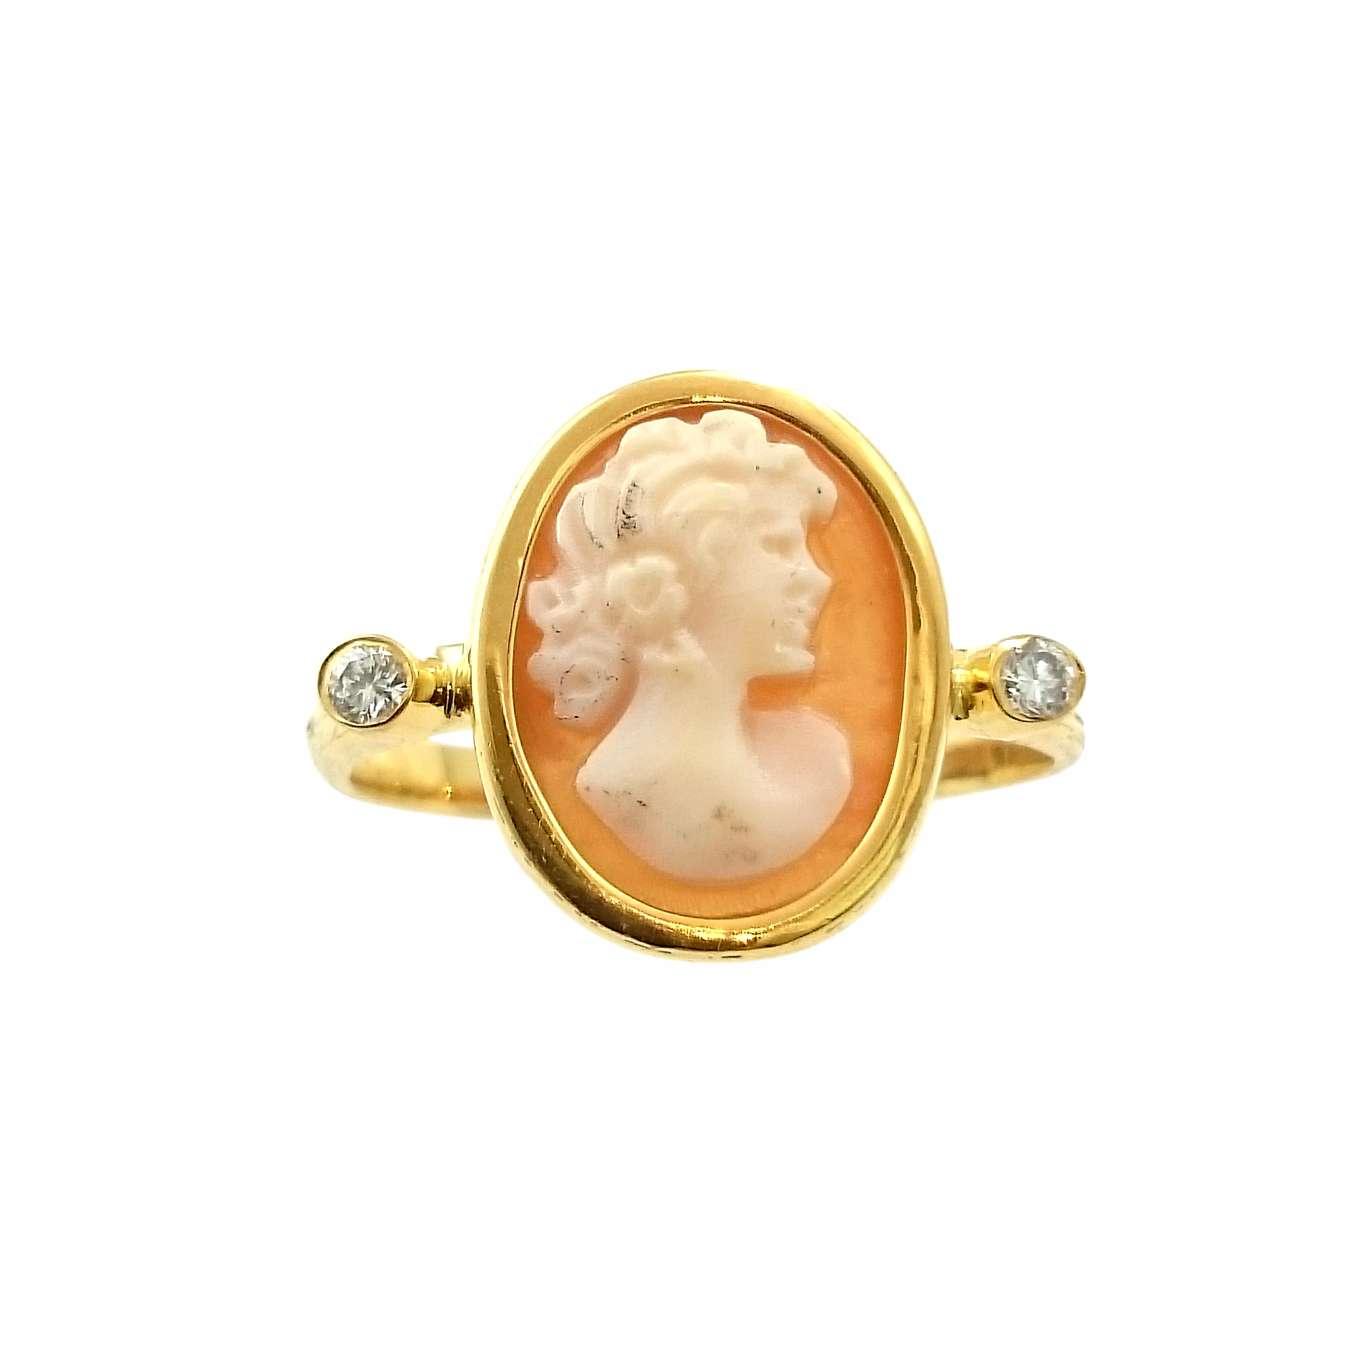 Δαχτυλίδι K14 Χρυσό Με Ιταλικό Καμέο Και Μπριγιάν 0.04ct ΔΟ10931